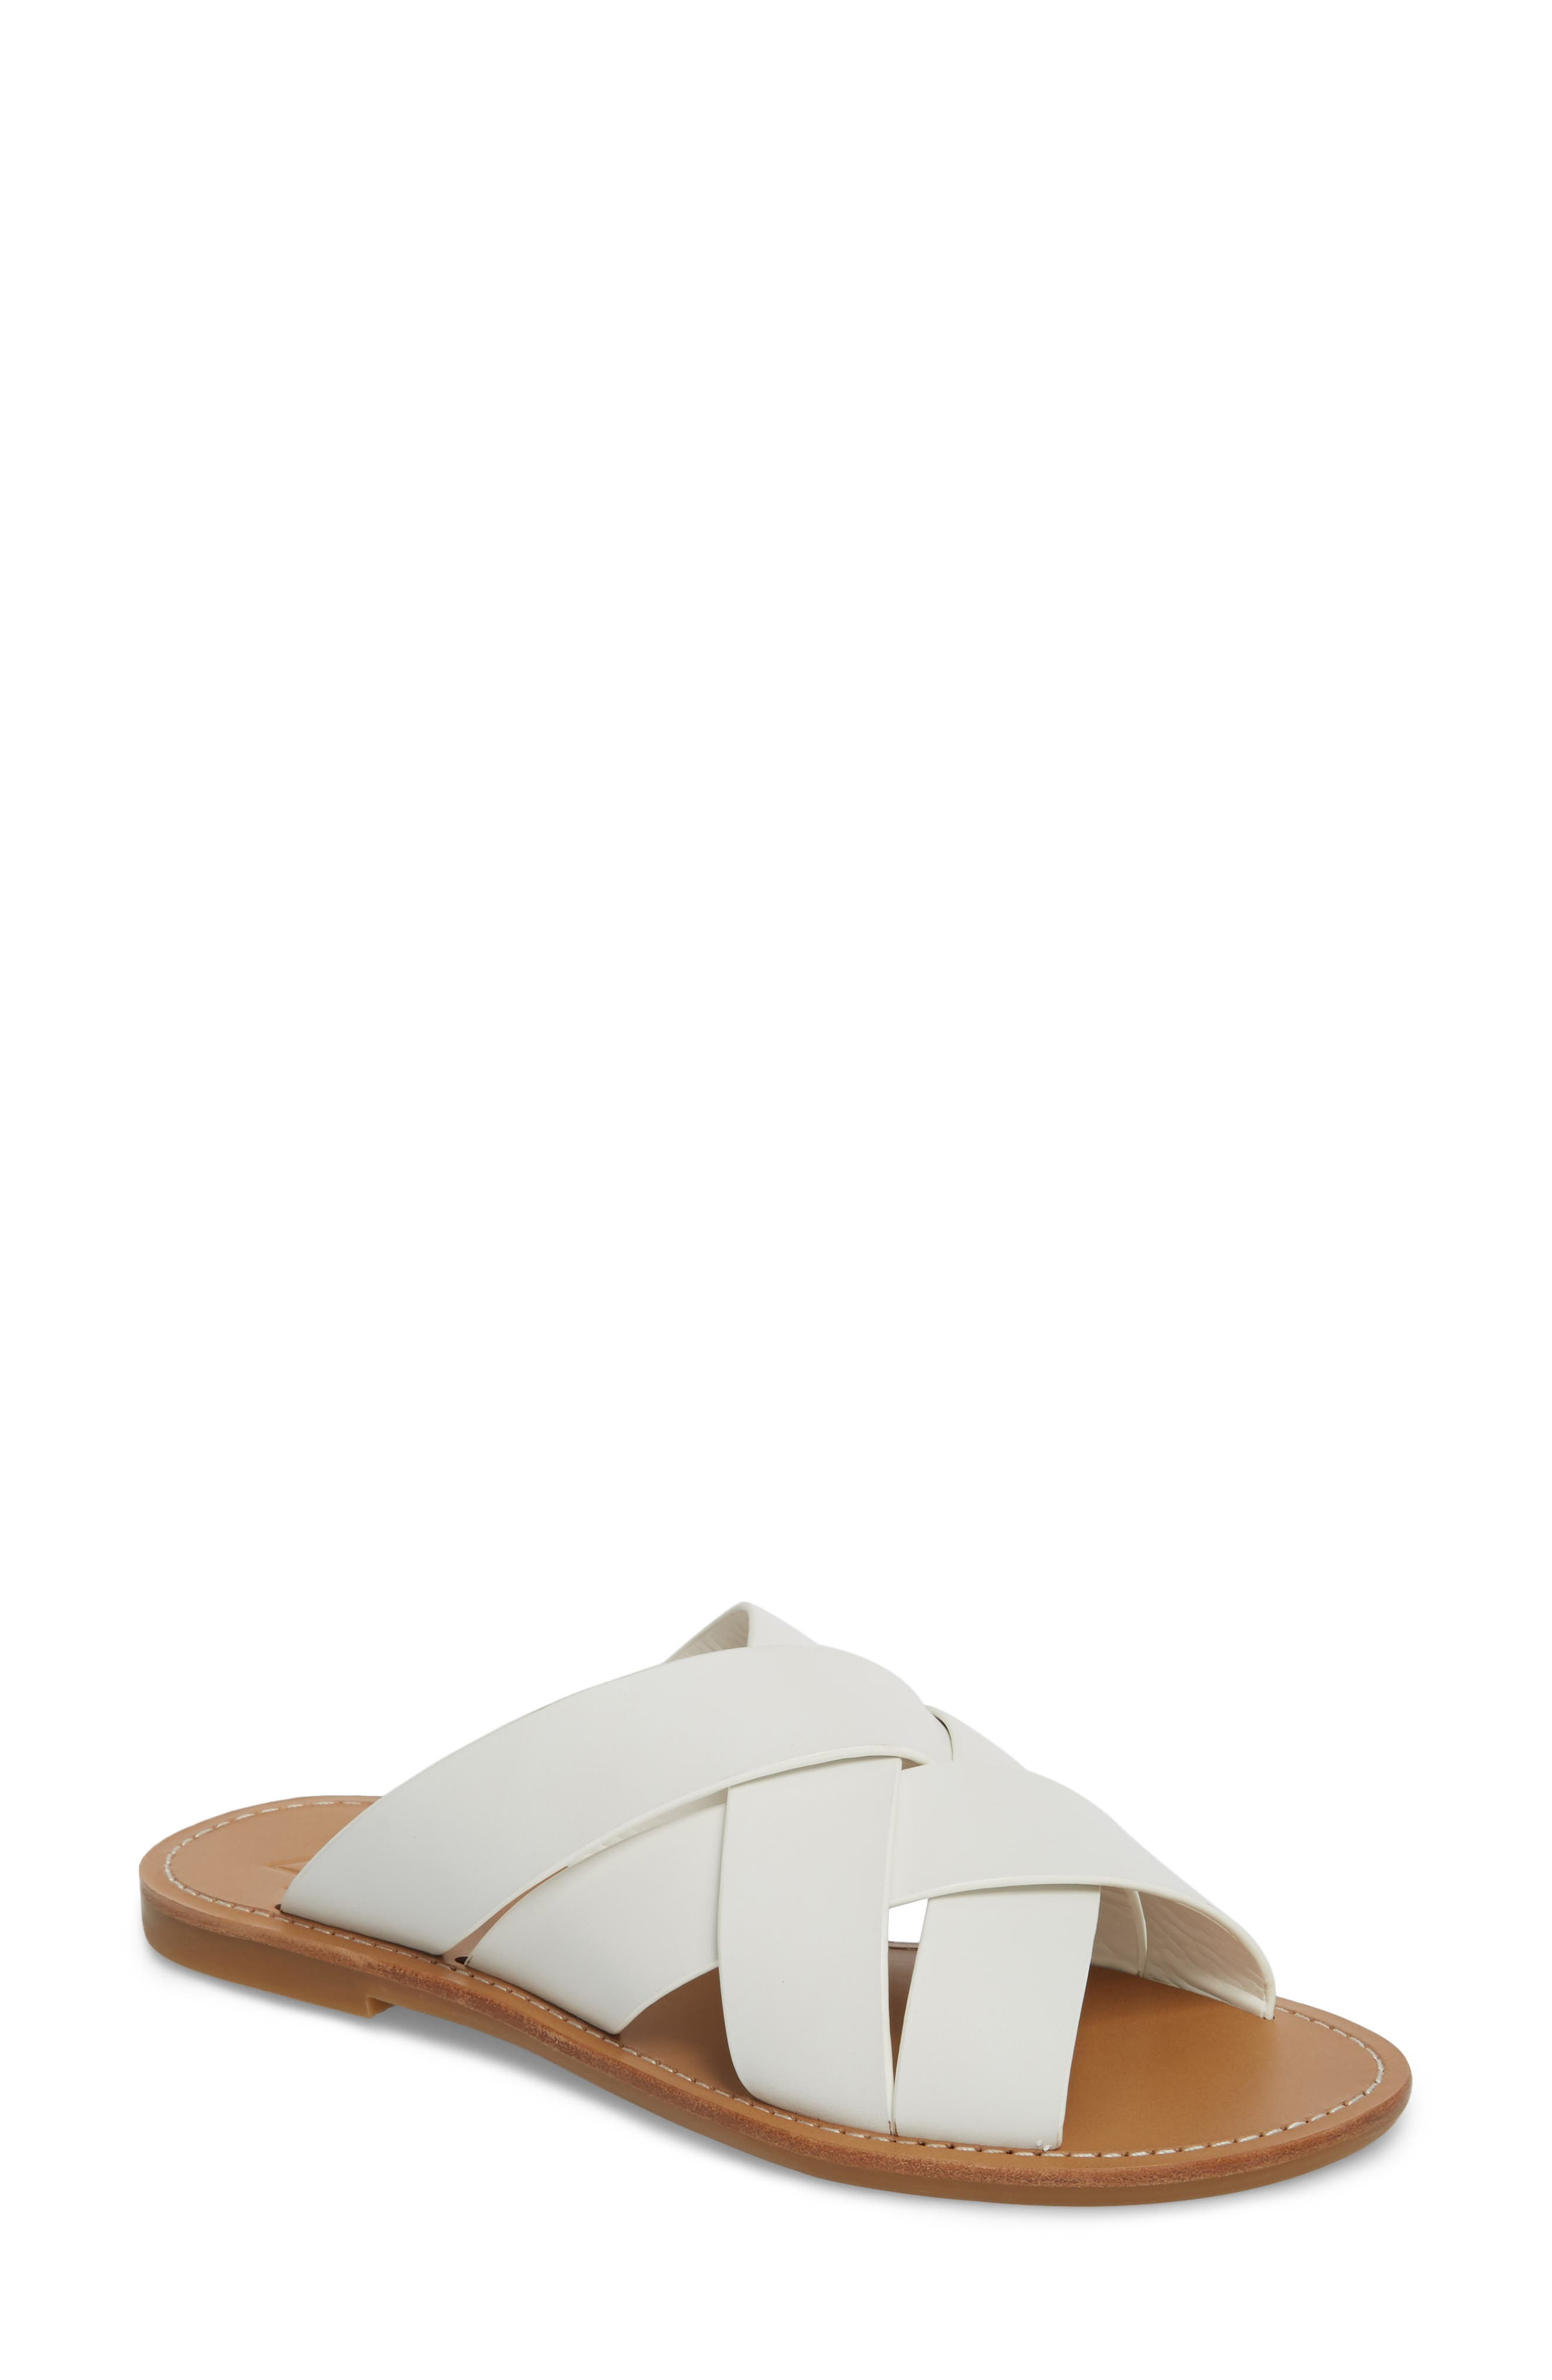 Raida Slide Sandal,                         Main,                         color,